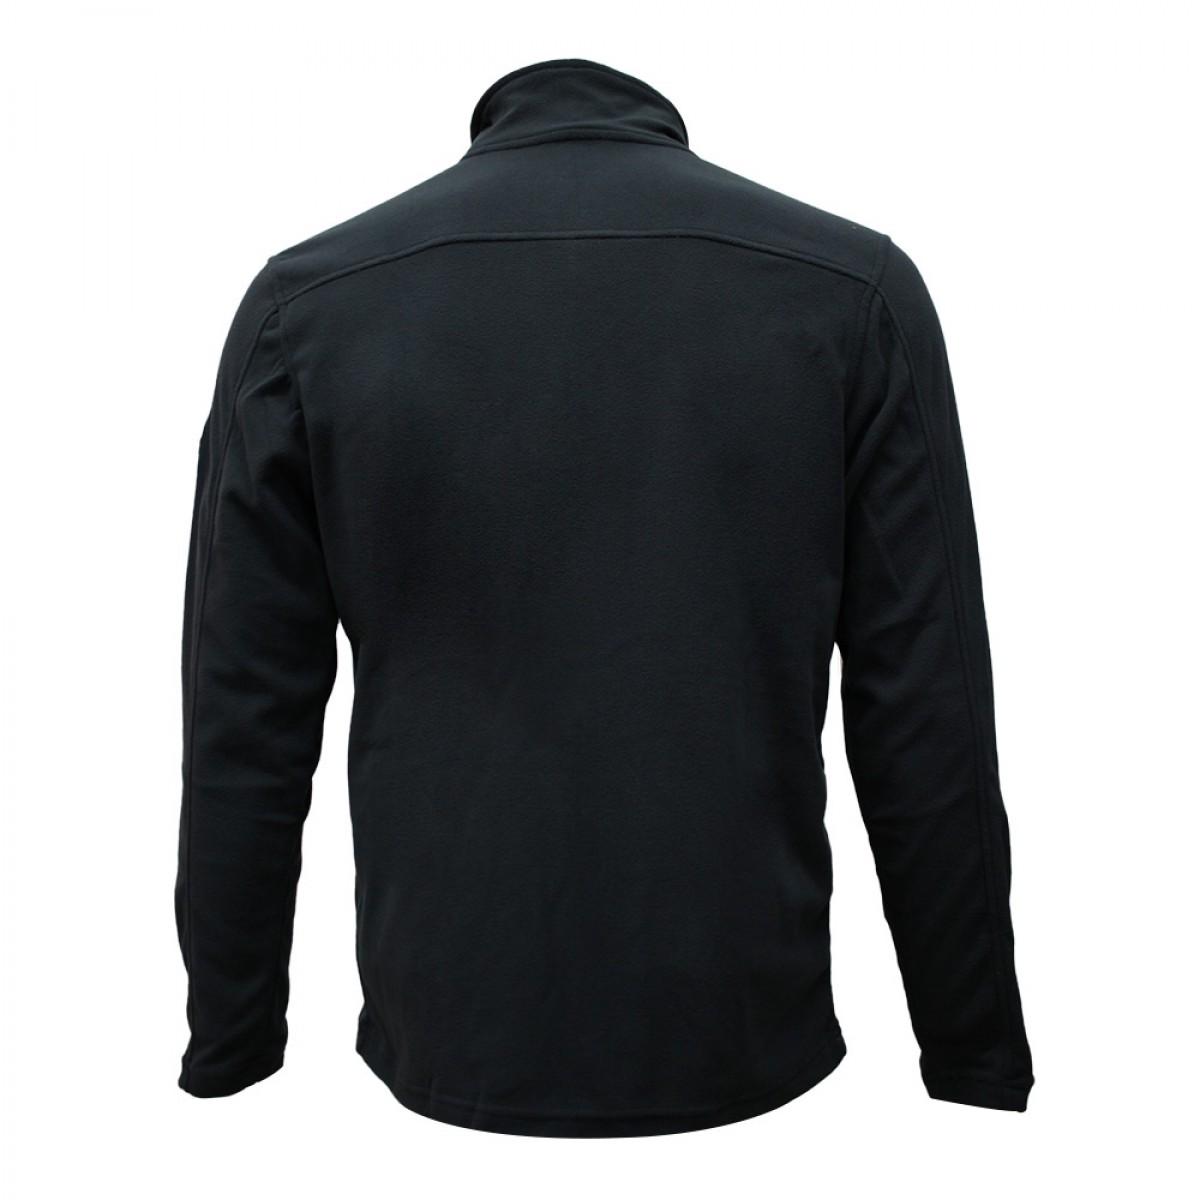 men-fleece-thick-layer-jacket-kfsj95626-10c